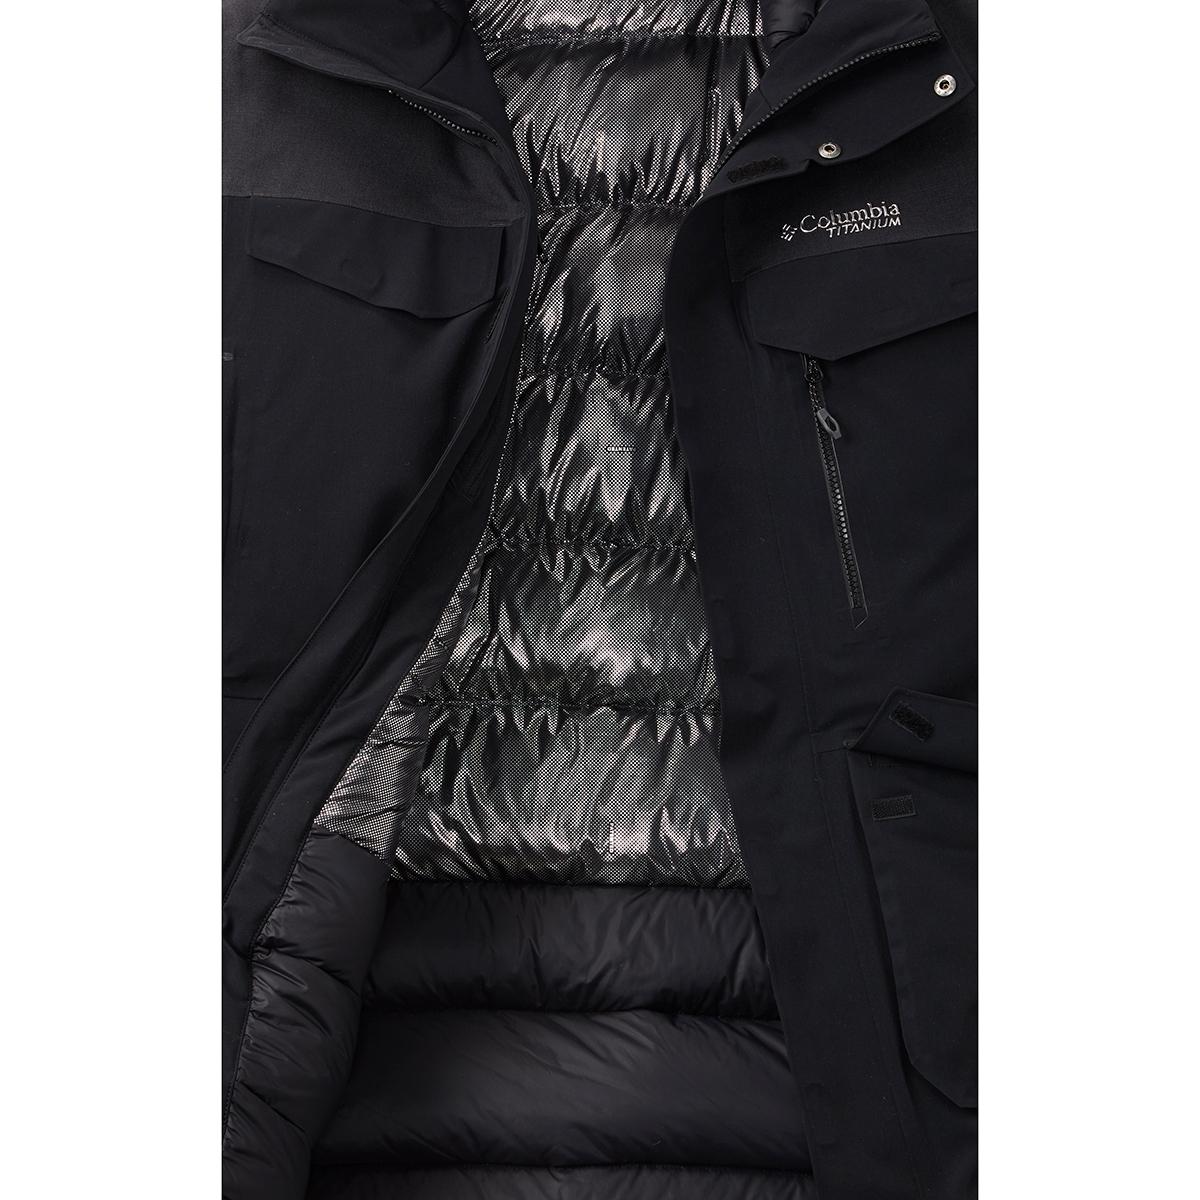 Columbia-Sportswear-Titan-PAss-Titanium-Down-Jacket-Detail